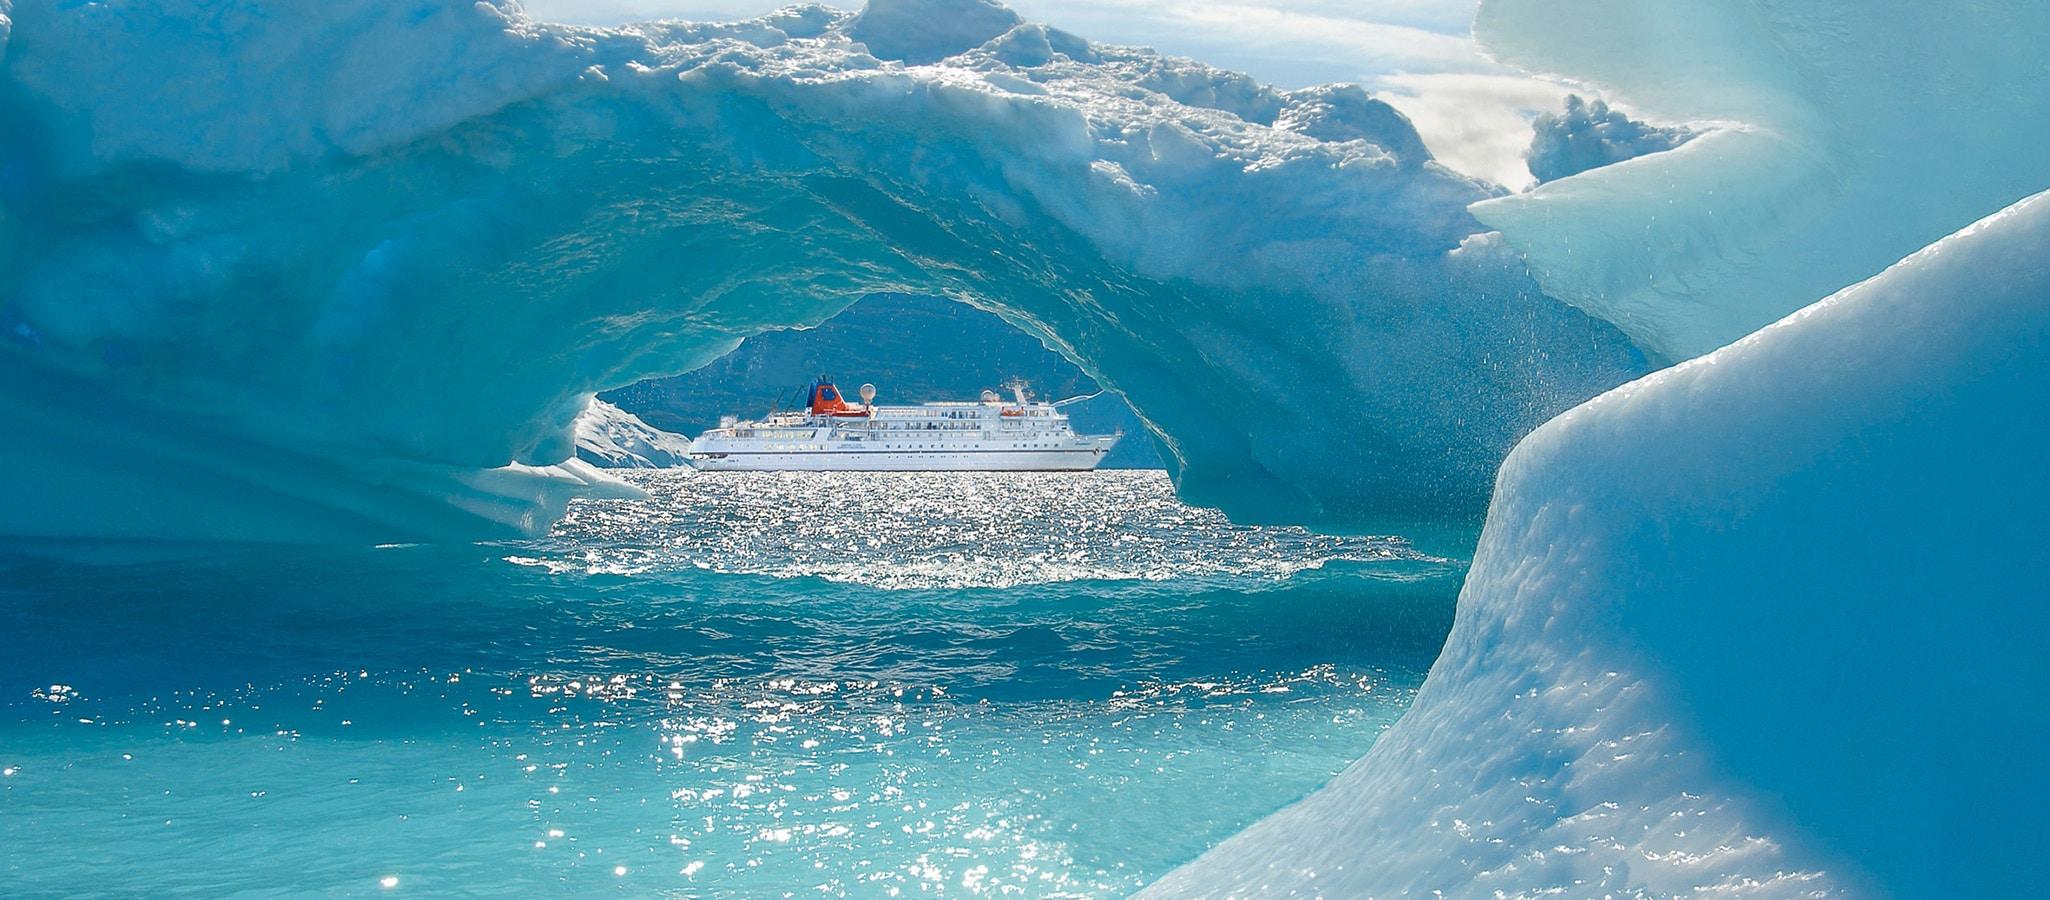 Mit höchster Eisklasse ausgestattet, bringen wir Ihre Gruppe auf Expeditionsschiffen u.a. in die arktischen Regionen.